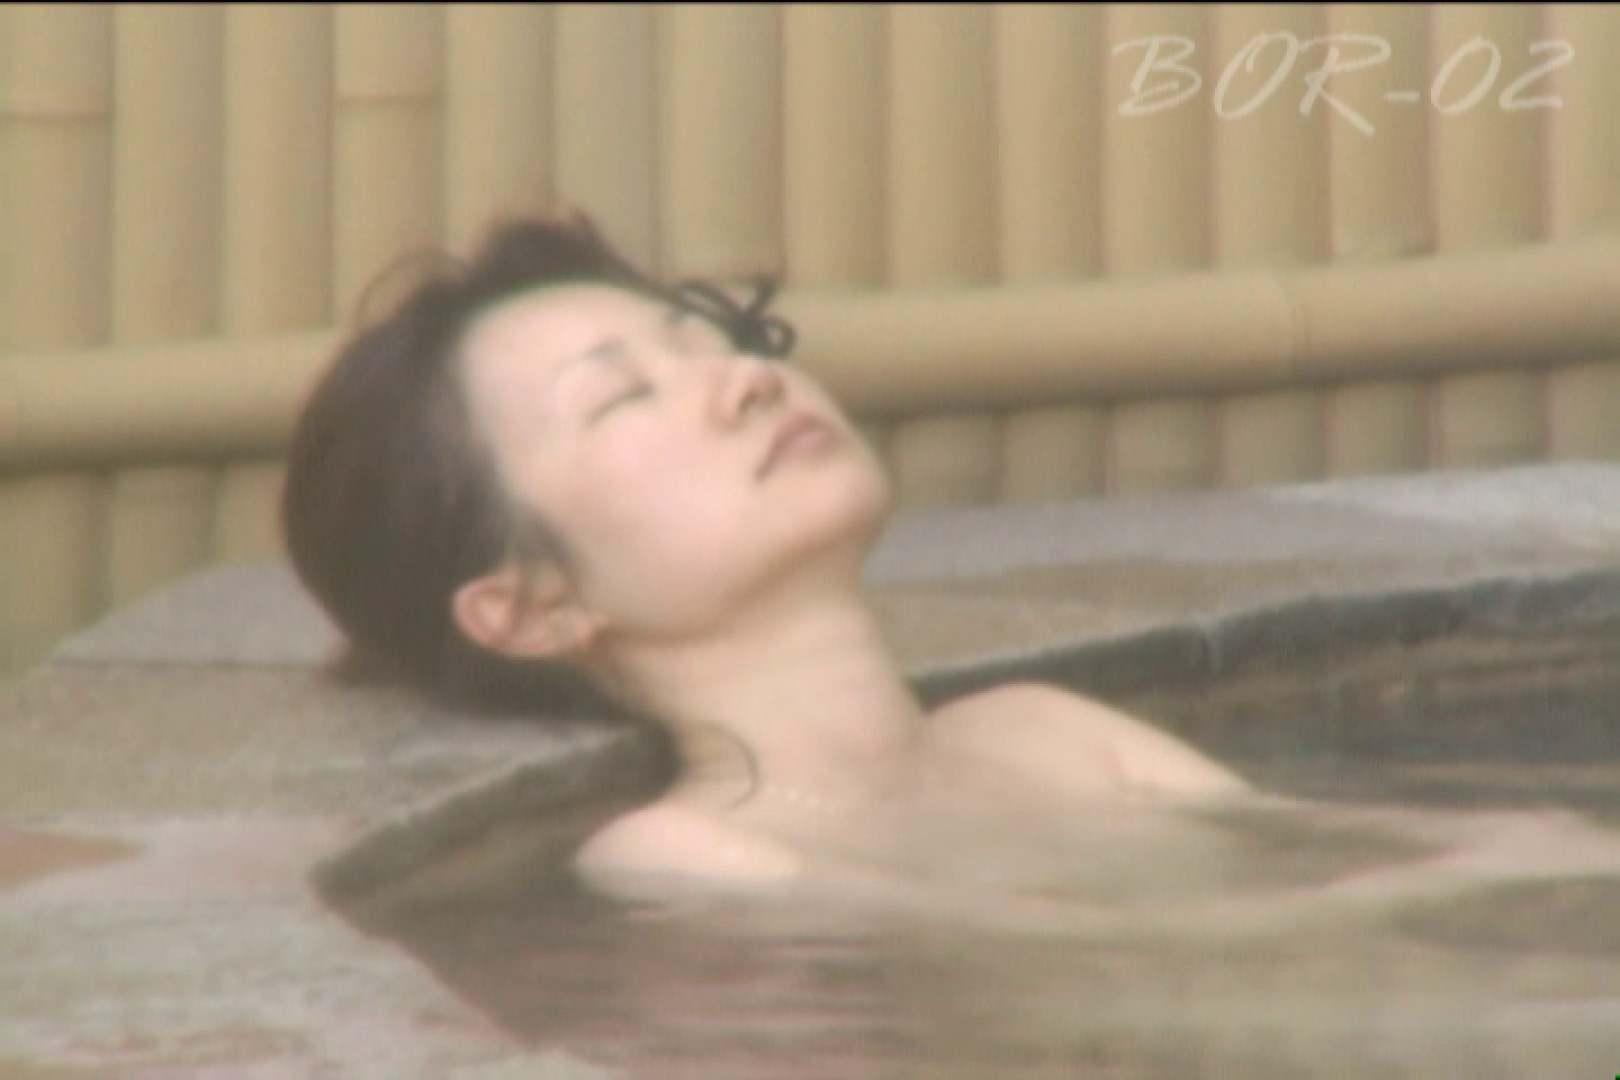 Aquaな露天風呂Vol.477 露天 | 盗撮  86画像 43